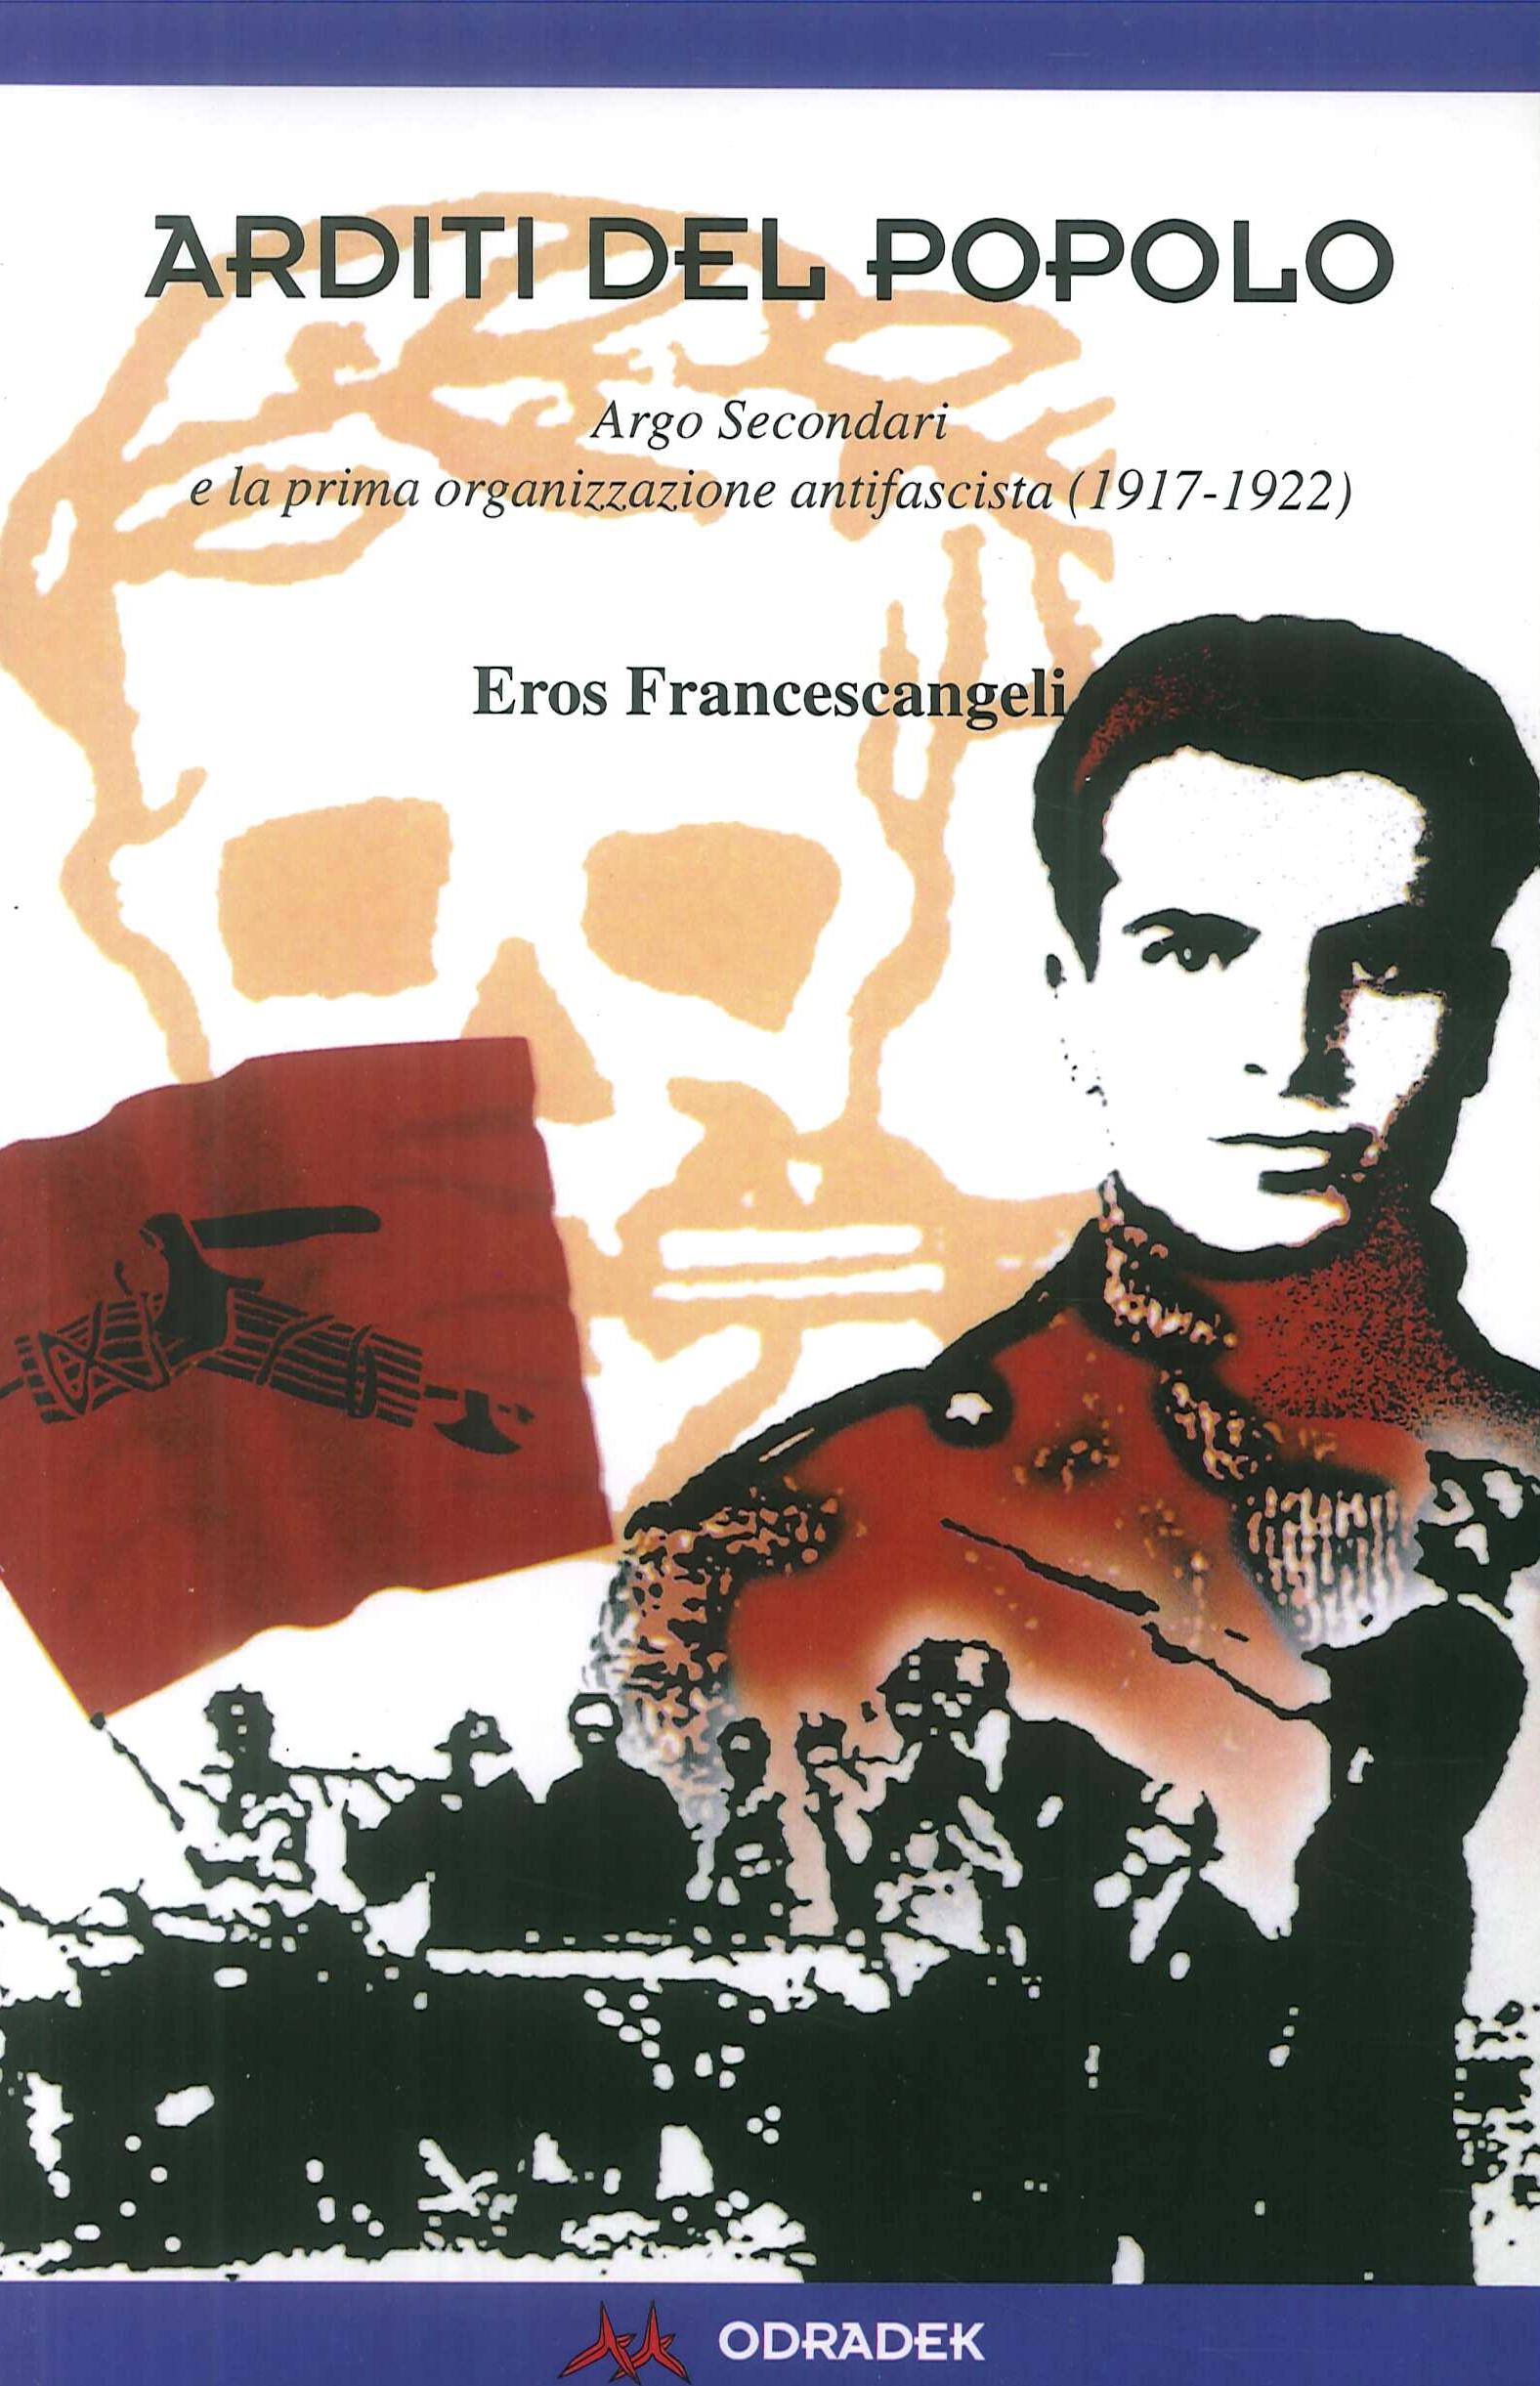 Arditi del popolo. Argo Secondari e la prima organizzazione antifascista (1917-1922)